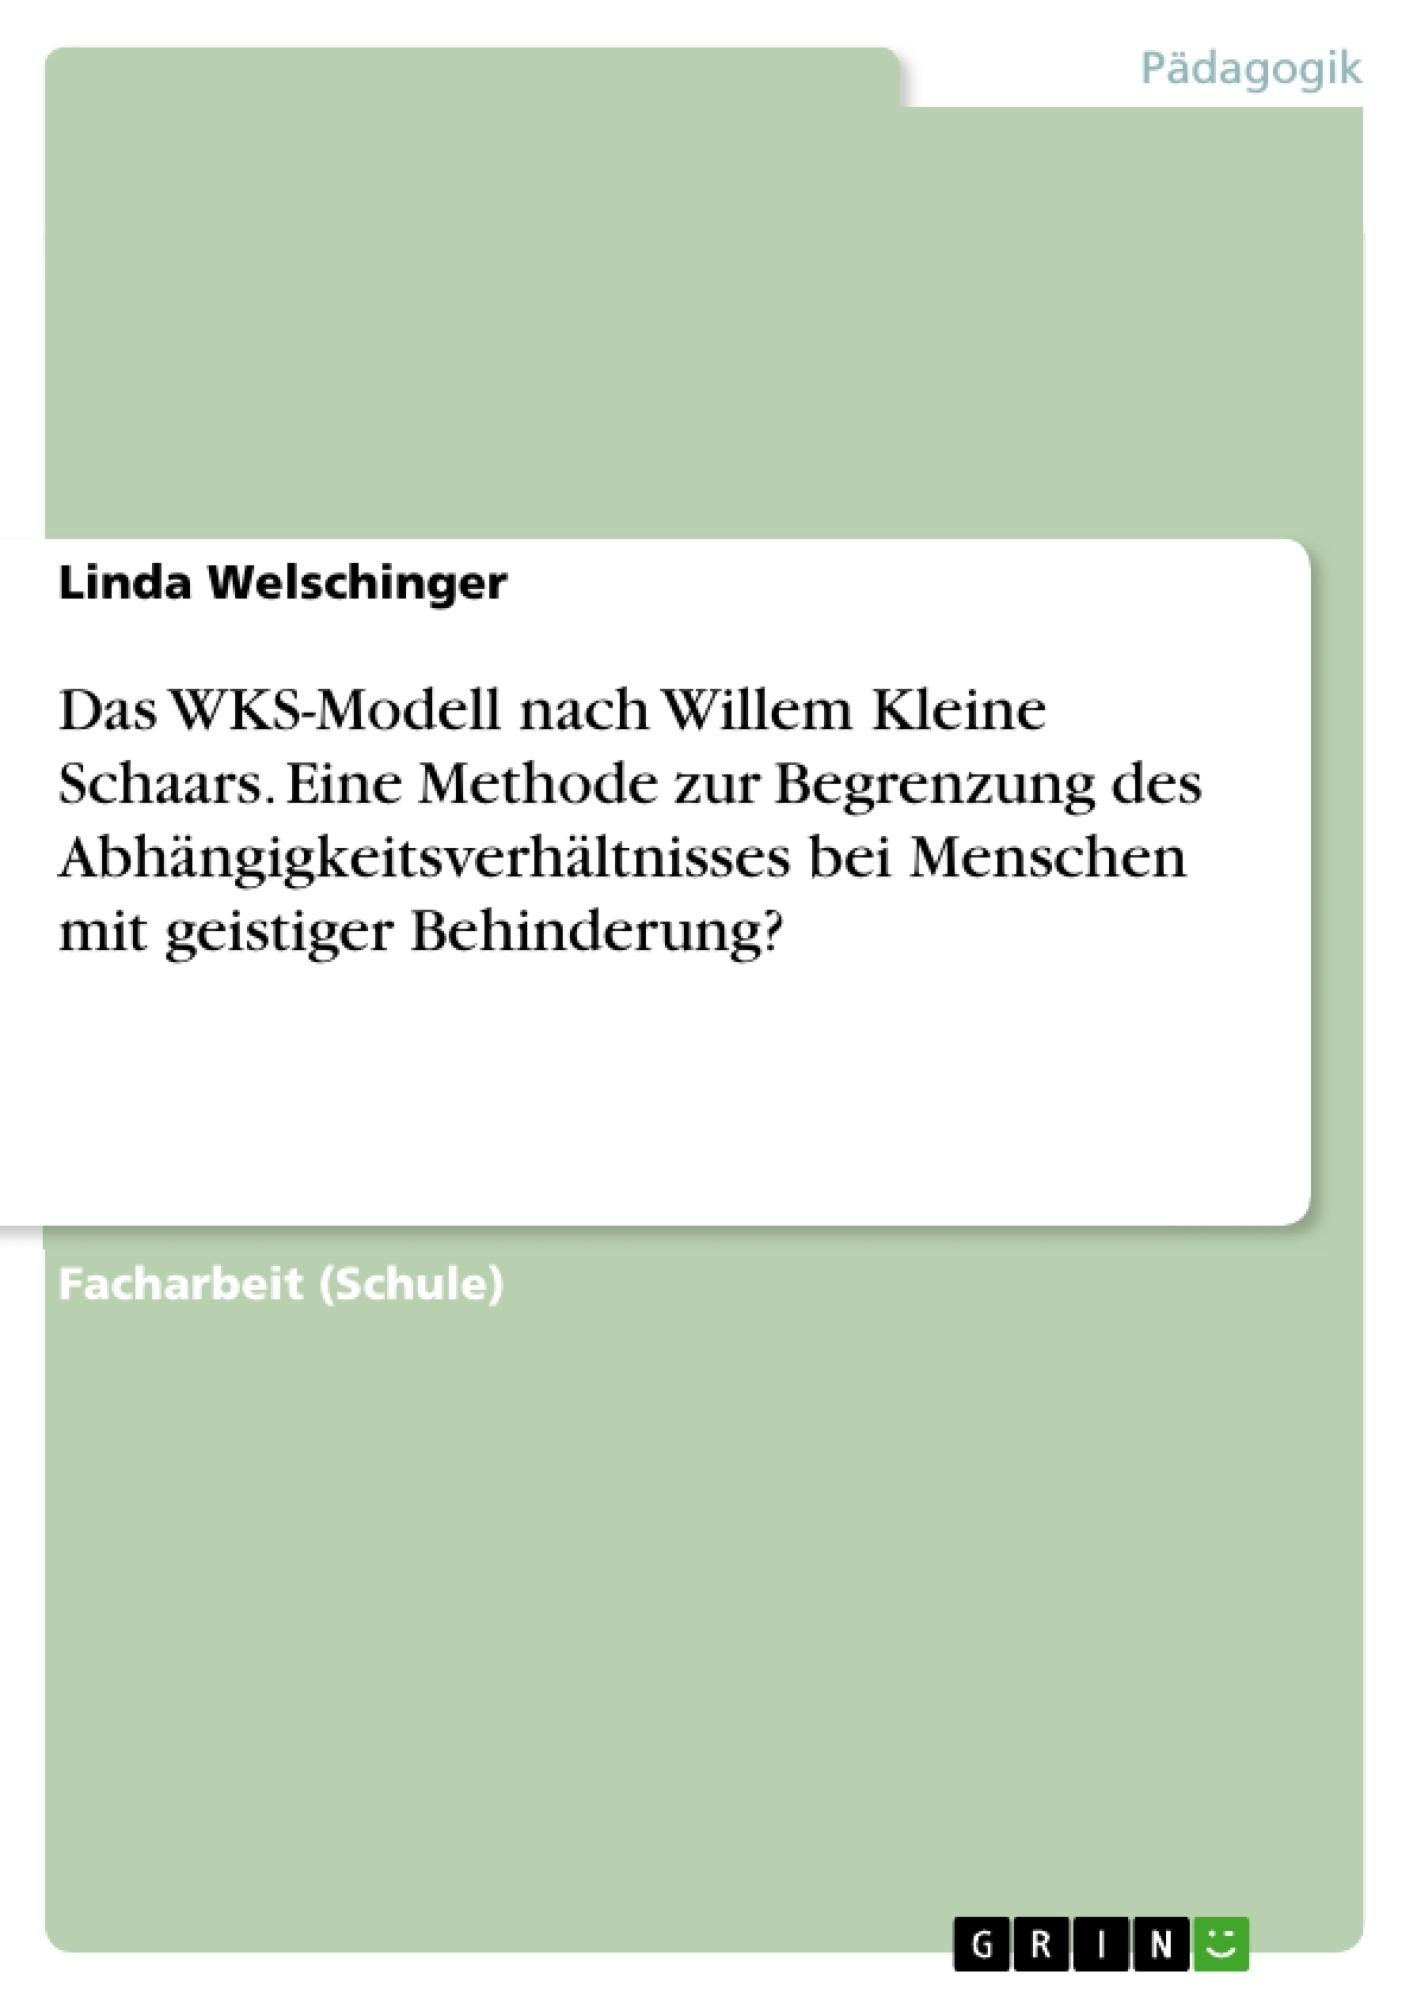 Titel: Das WKS-Modell nach Willem Kleine Schaars. Eine Methode zur Begrenzung des Abhängigkeitsverhältnisses bei Menschen mit geistiger Behinderung?